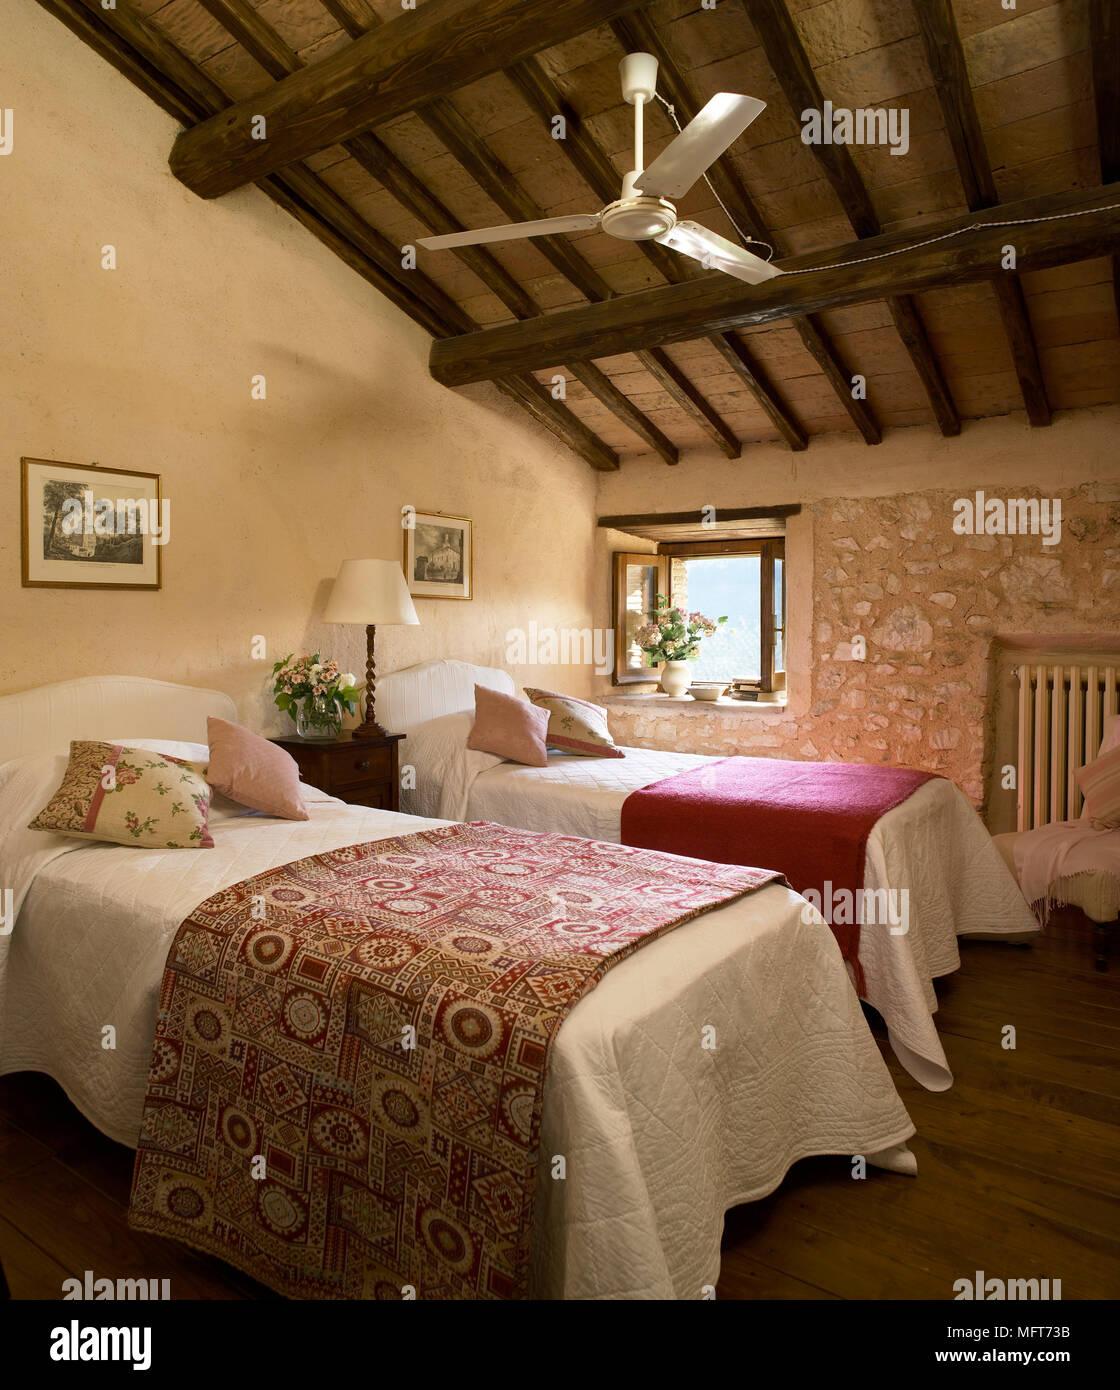 Un paese camera ospiti con esposti rustico in pietra le pareti e il soffitto a travi, 2 letti ...